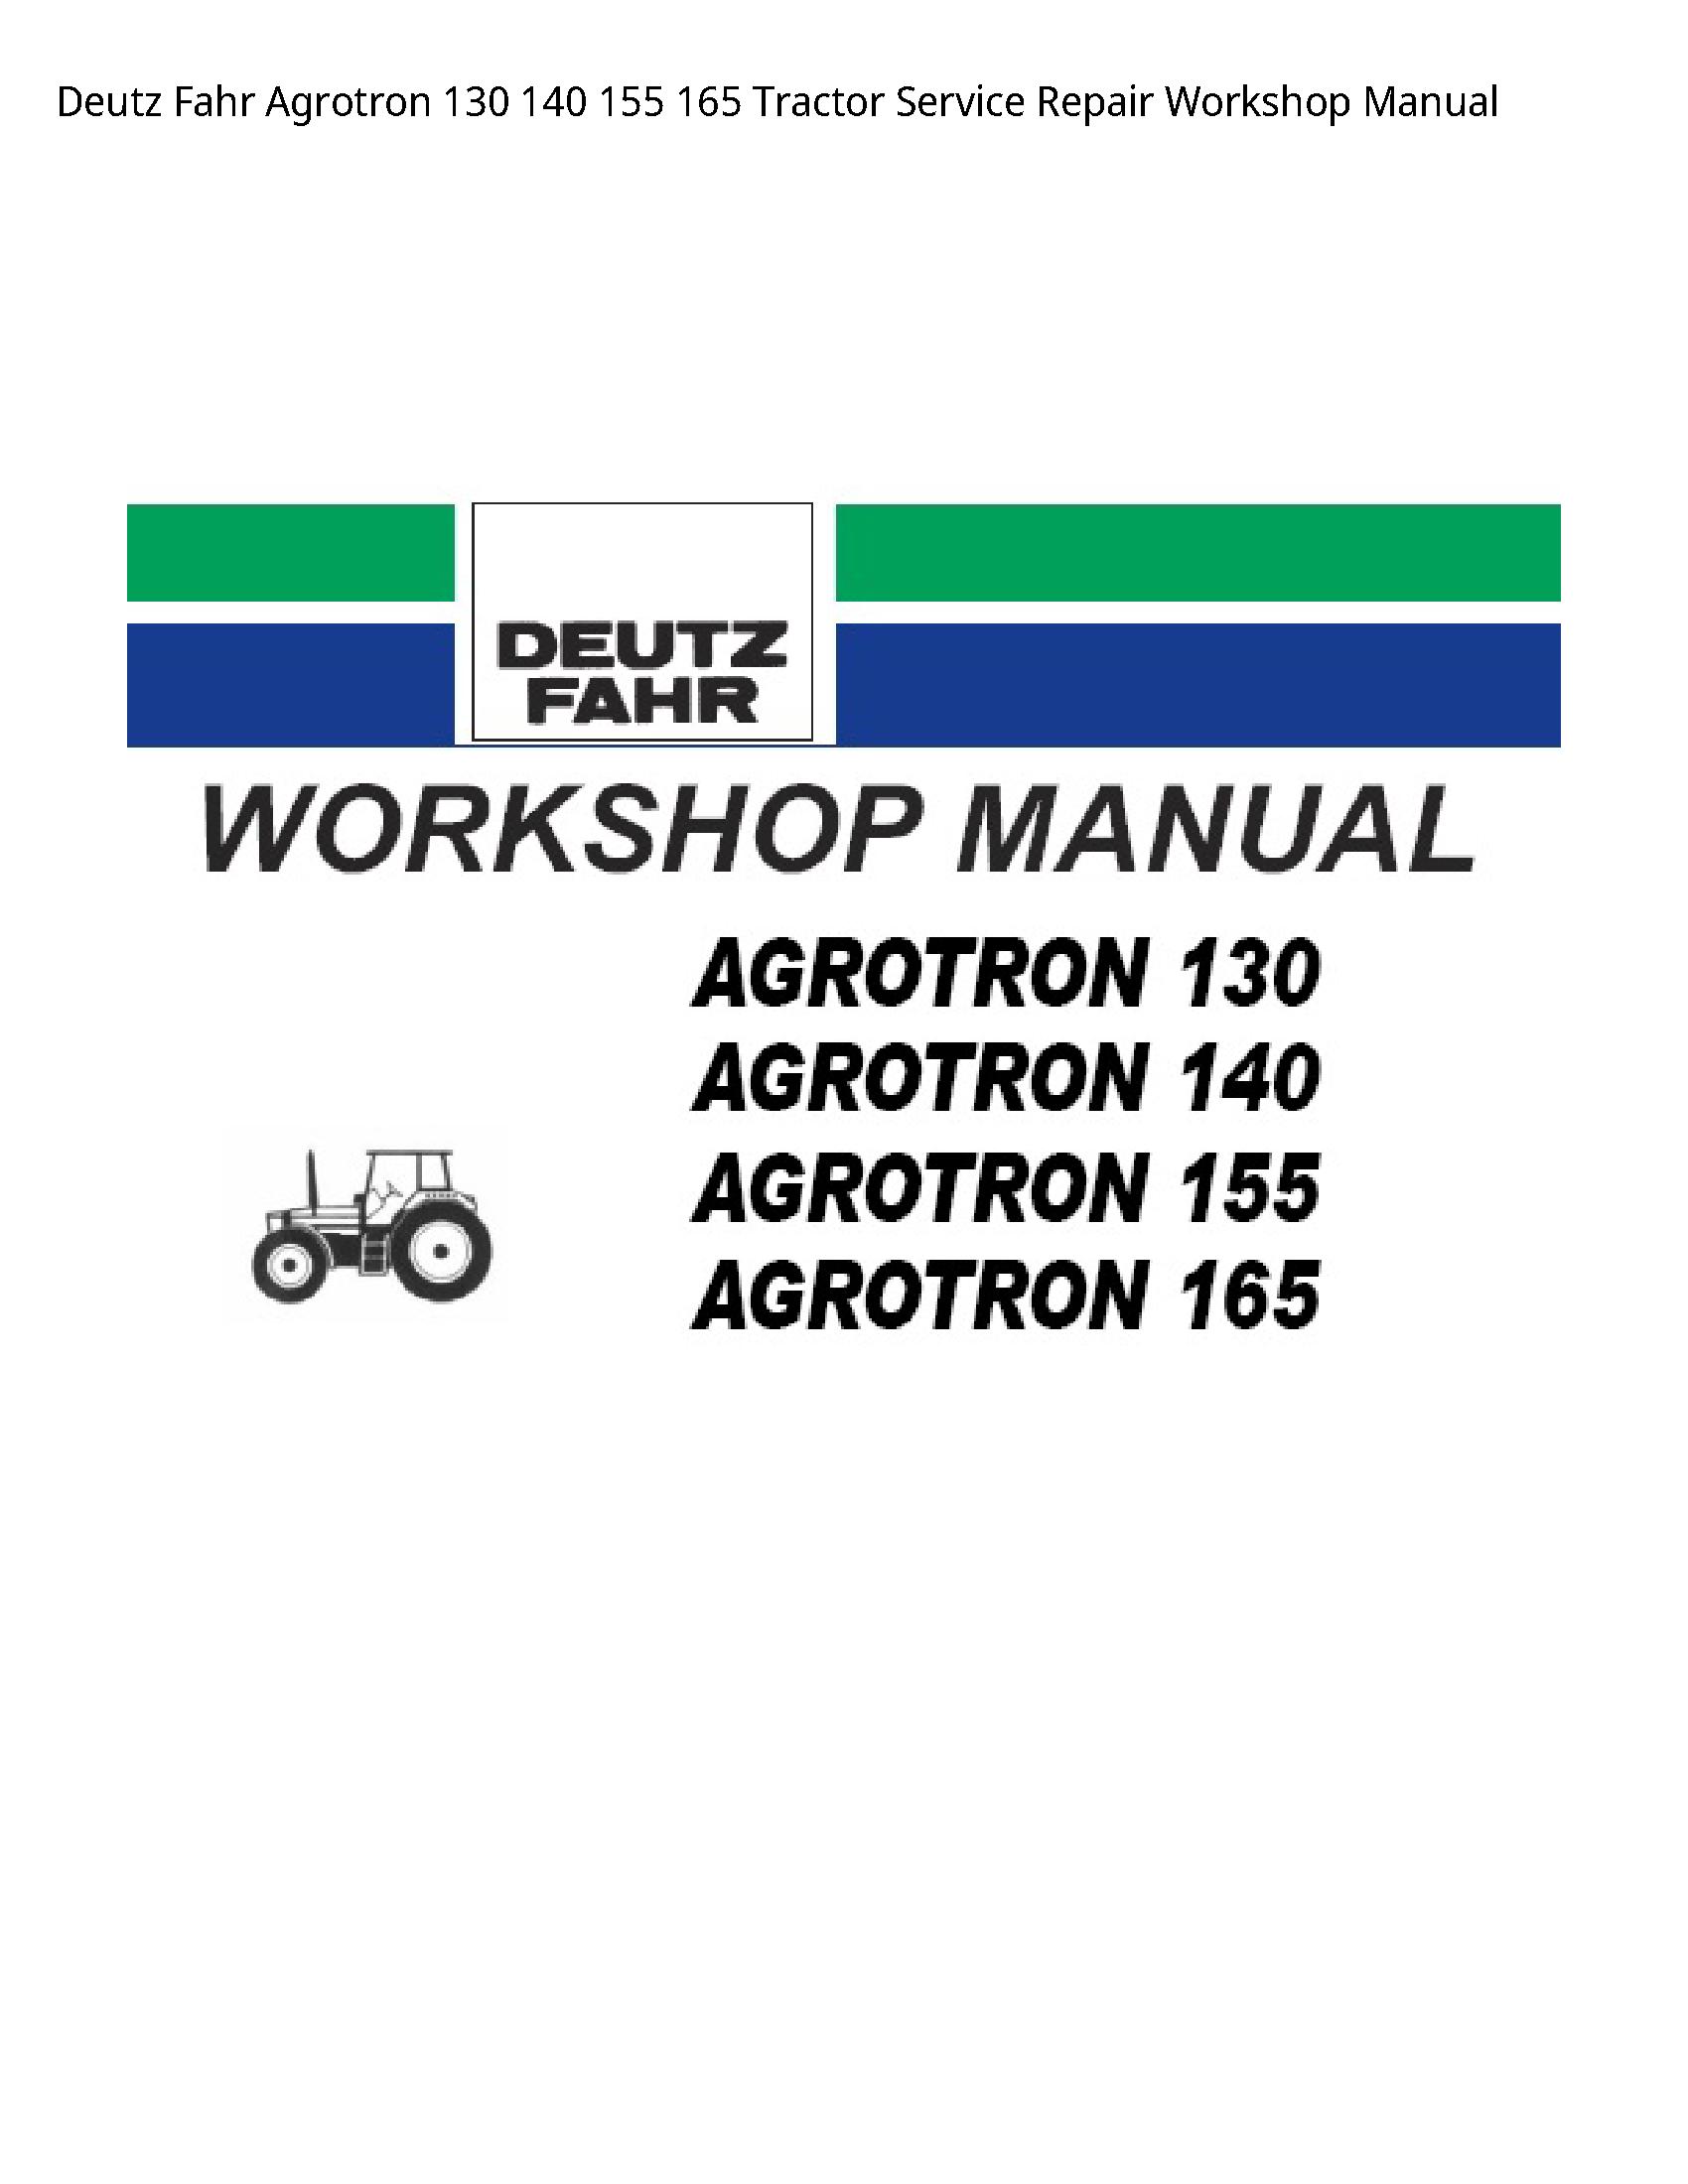 Deutz 130 Fahr Agrotron Tractor manual